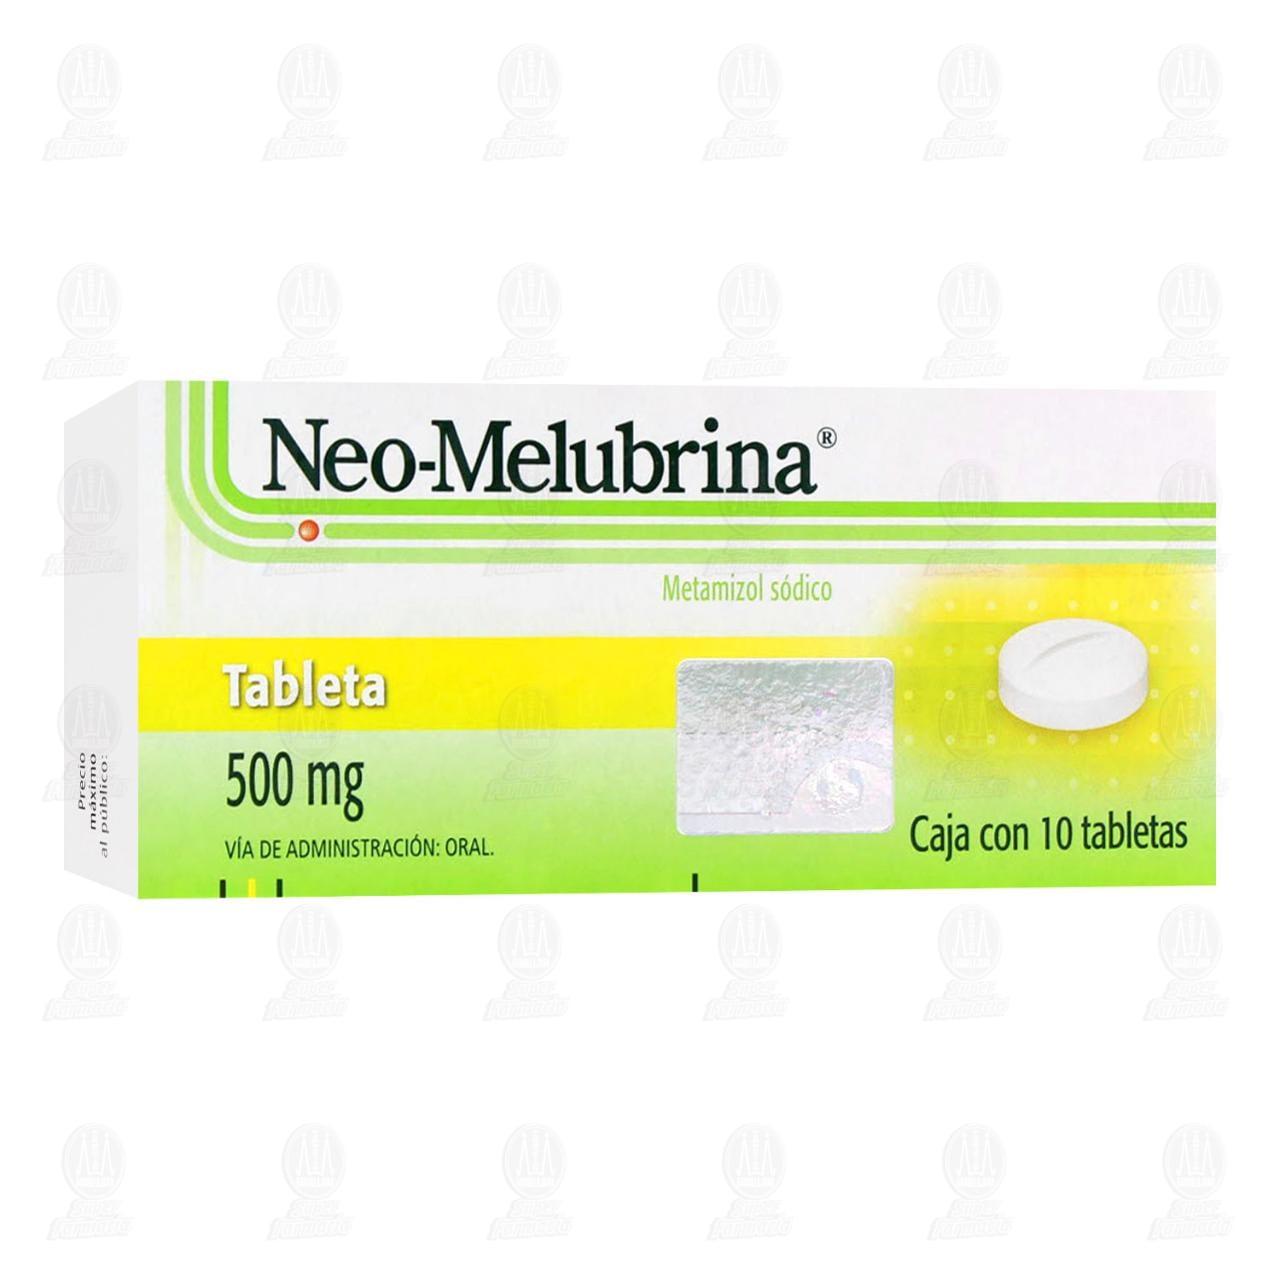 Comprar Neo-Melubrina 500mg 10 Tabletas en Farmacias Guadalajara